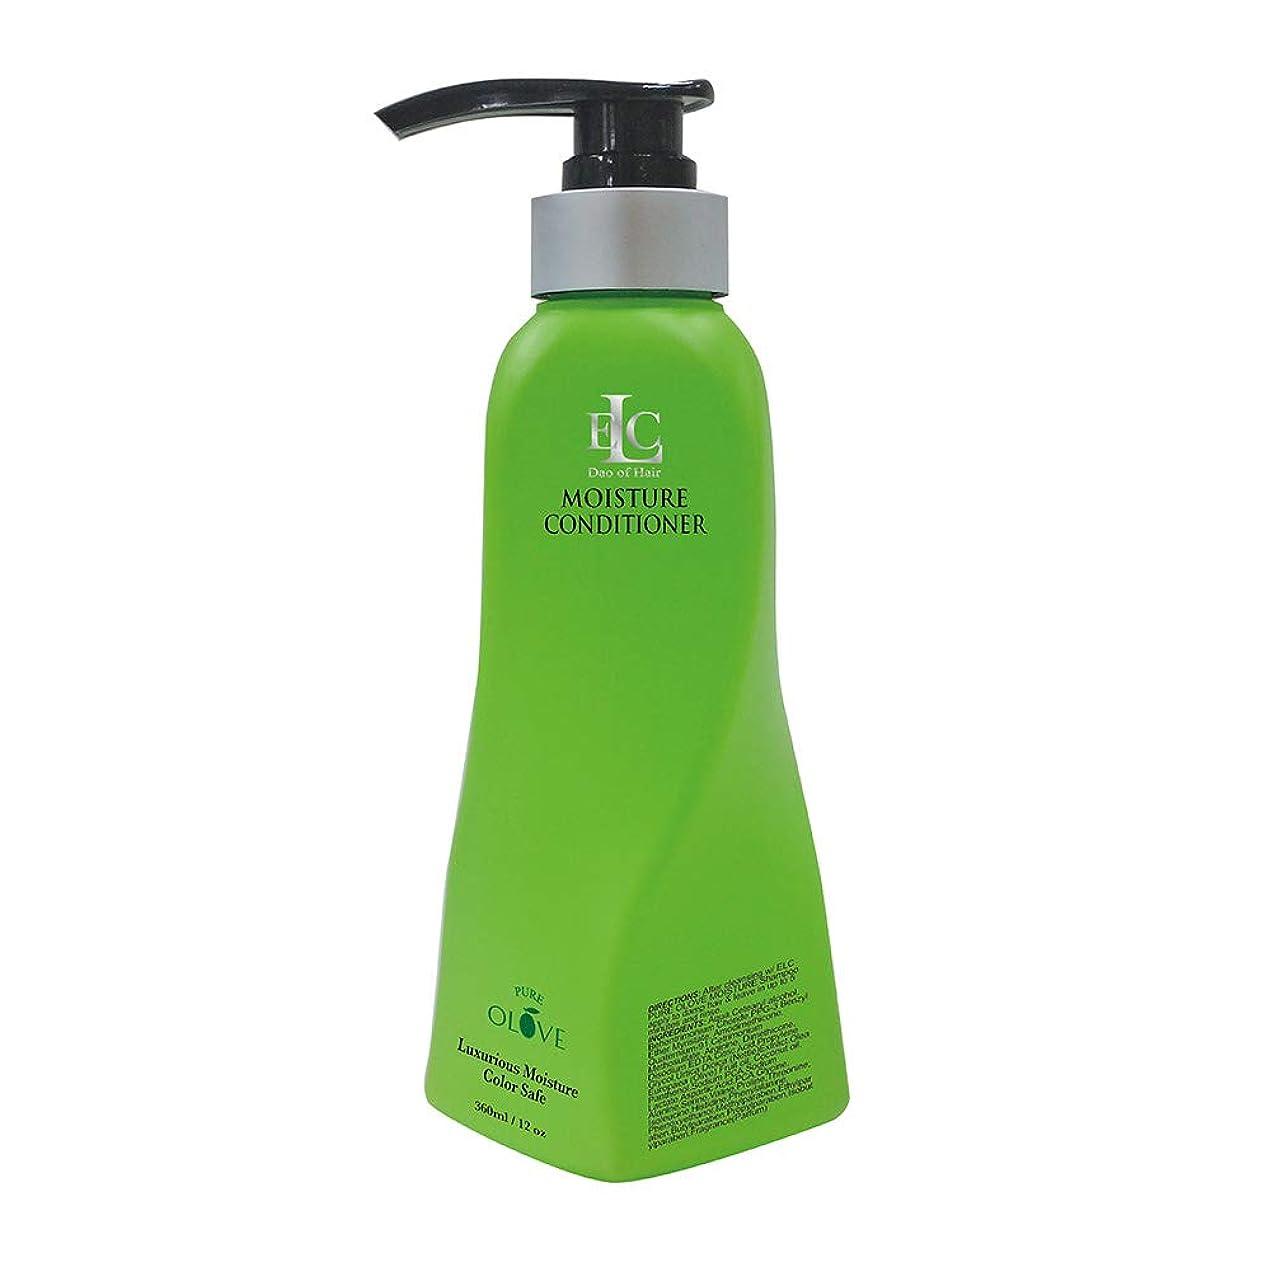 用心深い小康ハリケーンELC Dao of Hair ELCピュアOloveモイスチャライジングコンディショナー - モイスチャーリッチナチュラルボタニカル&有機油は、栄養を与え、修理、強化、ドライ髪を再水和 12オンス